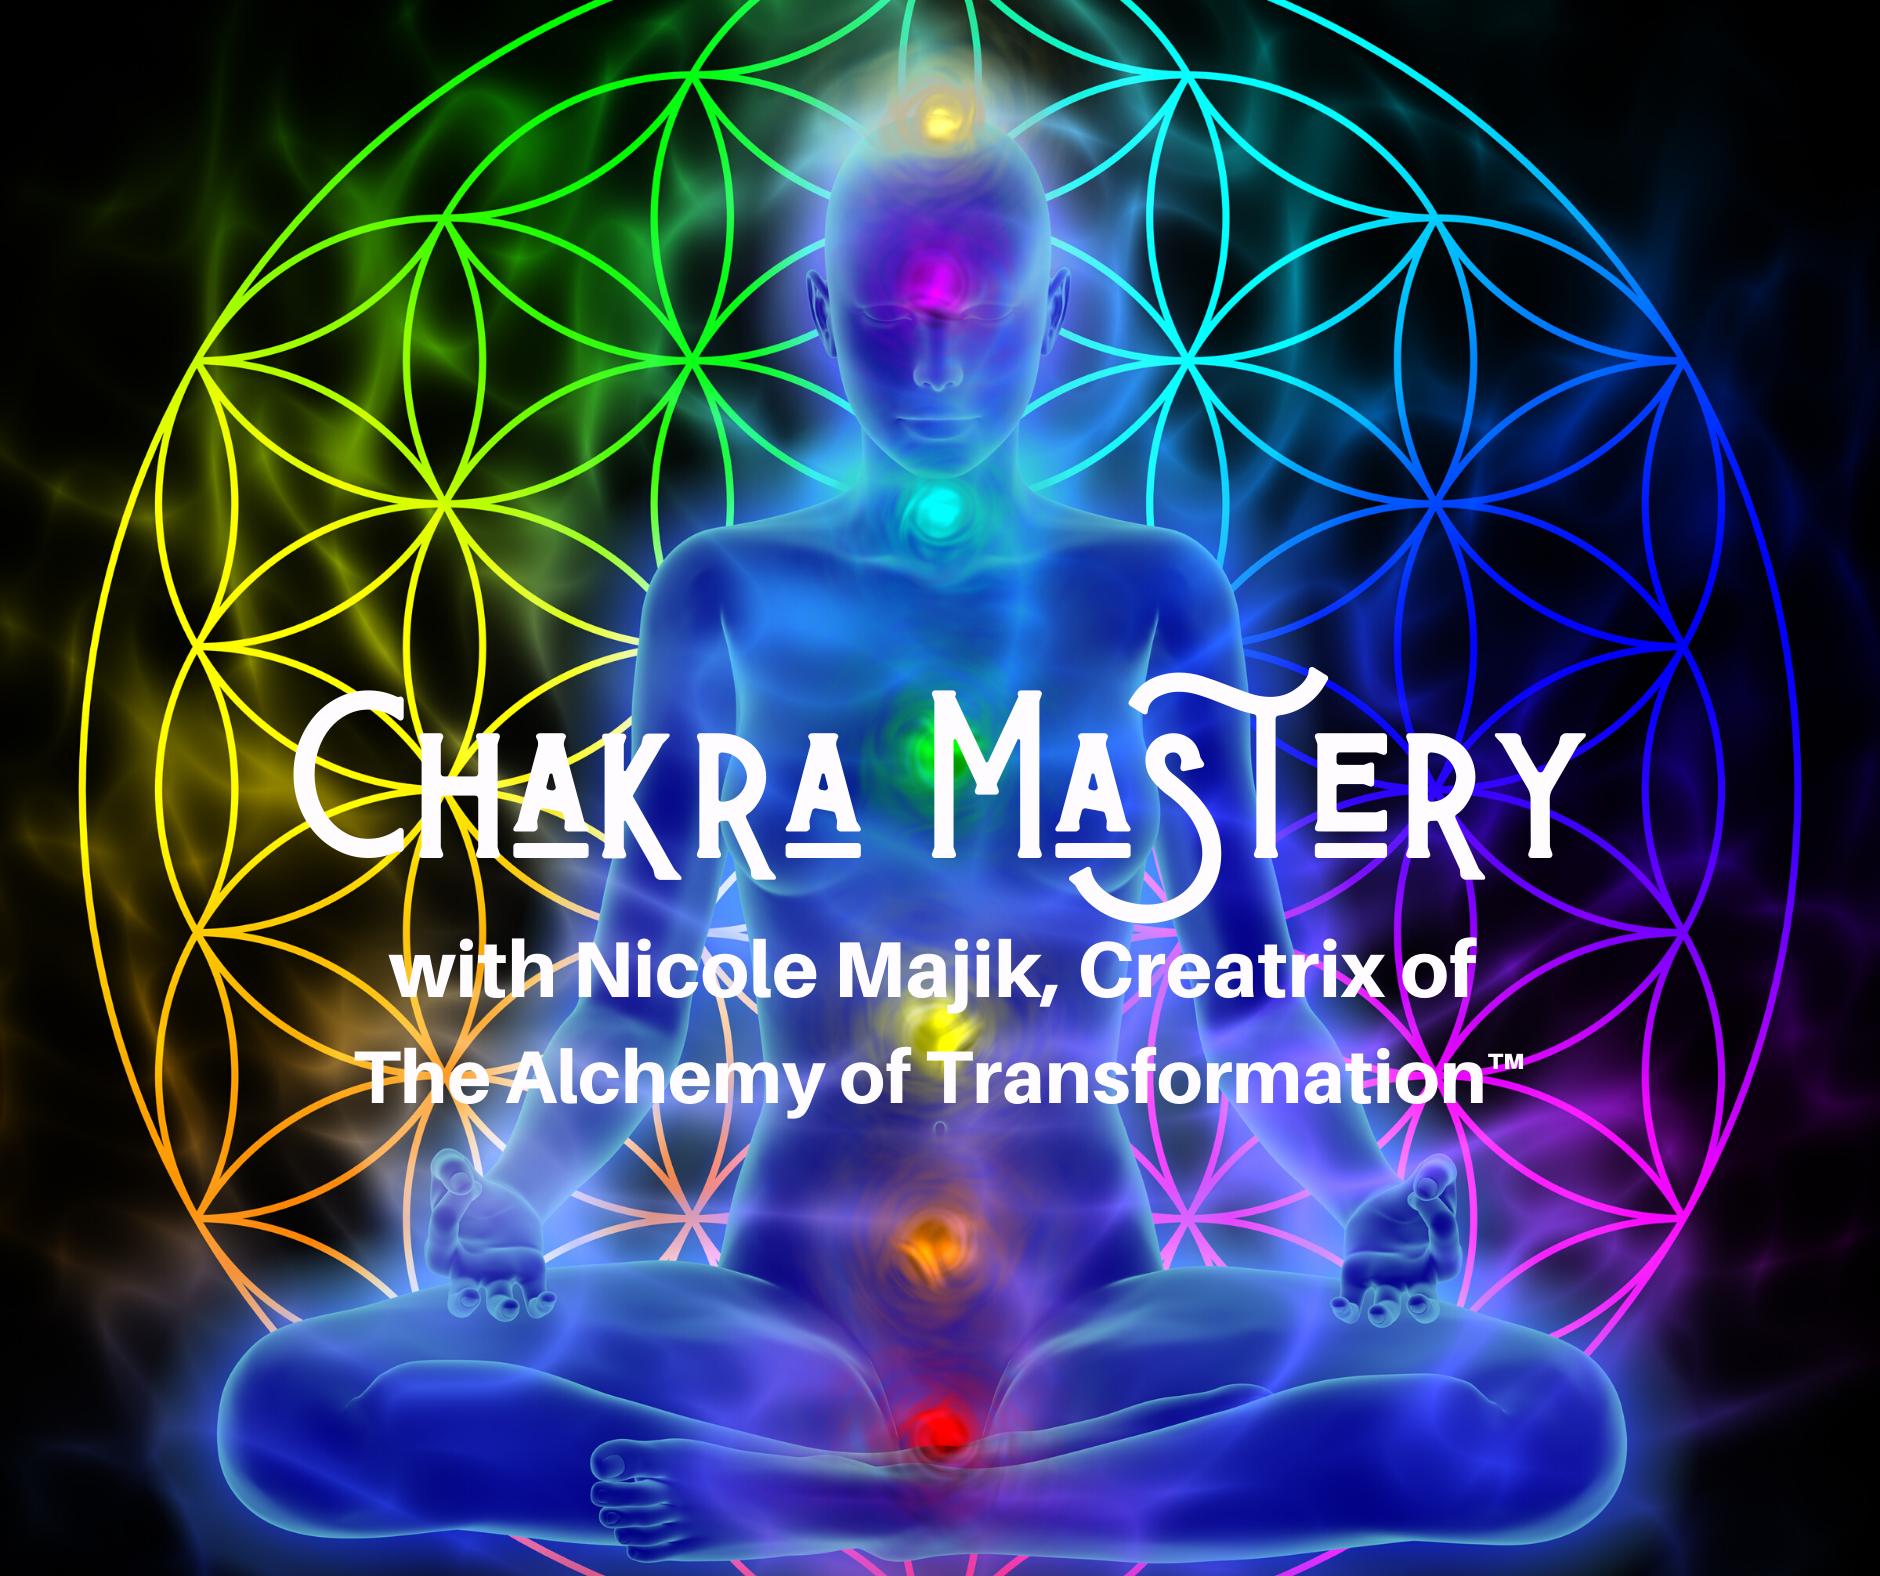 chakra mastery with nicole majik